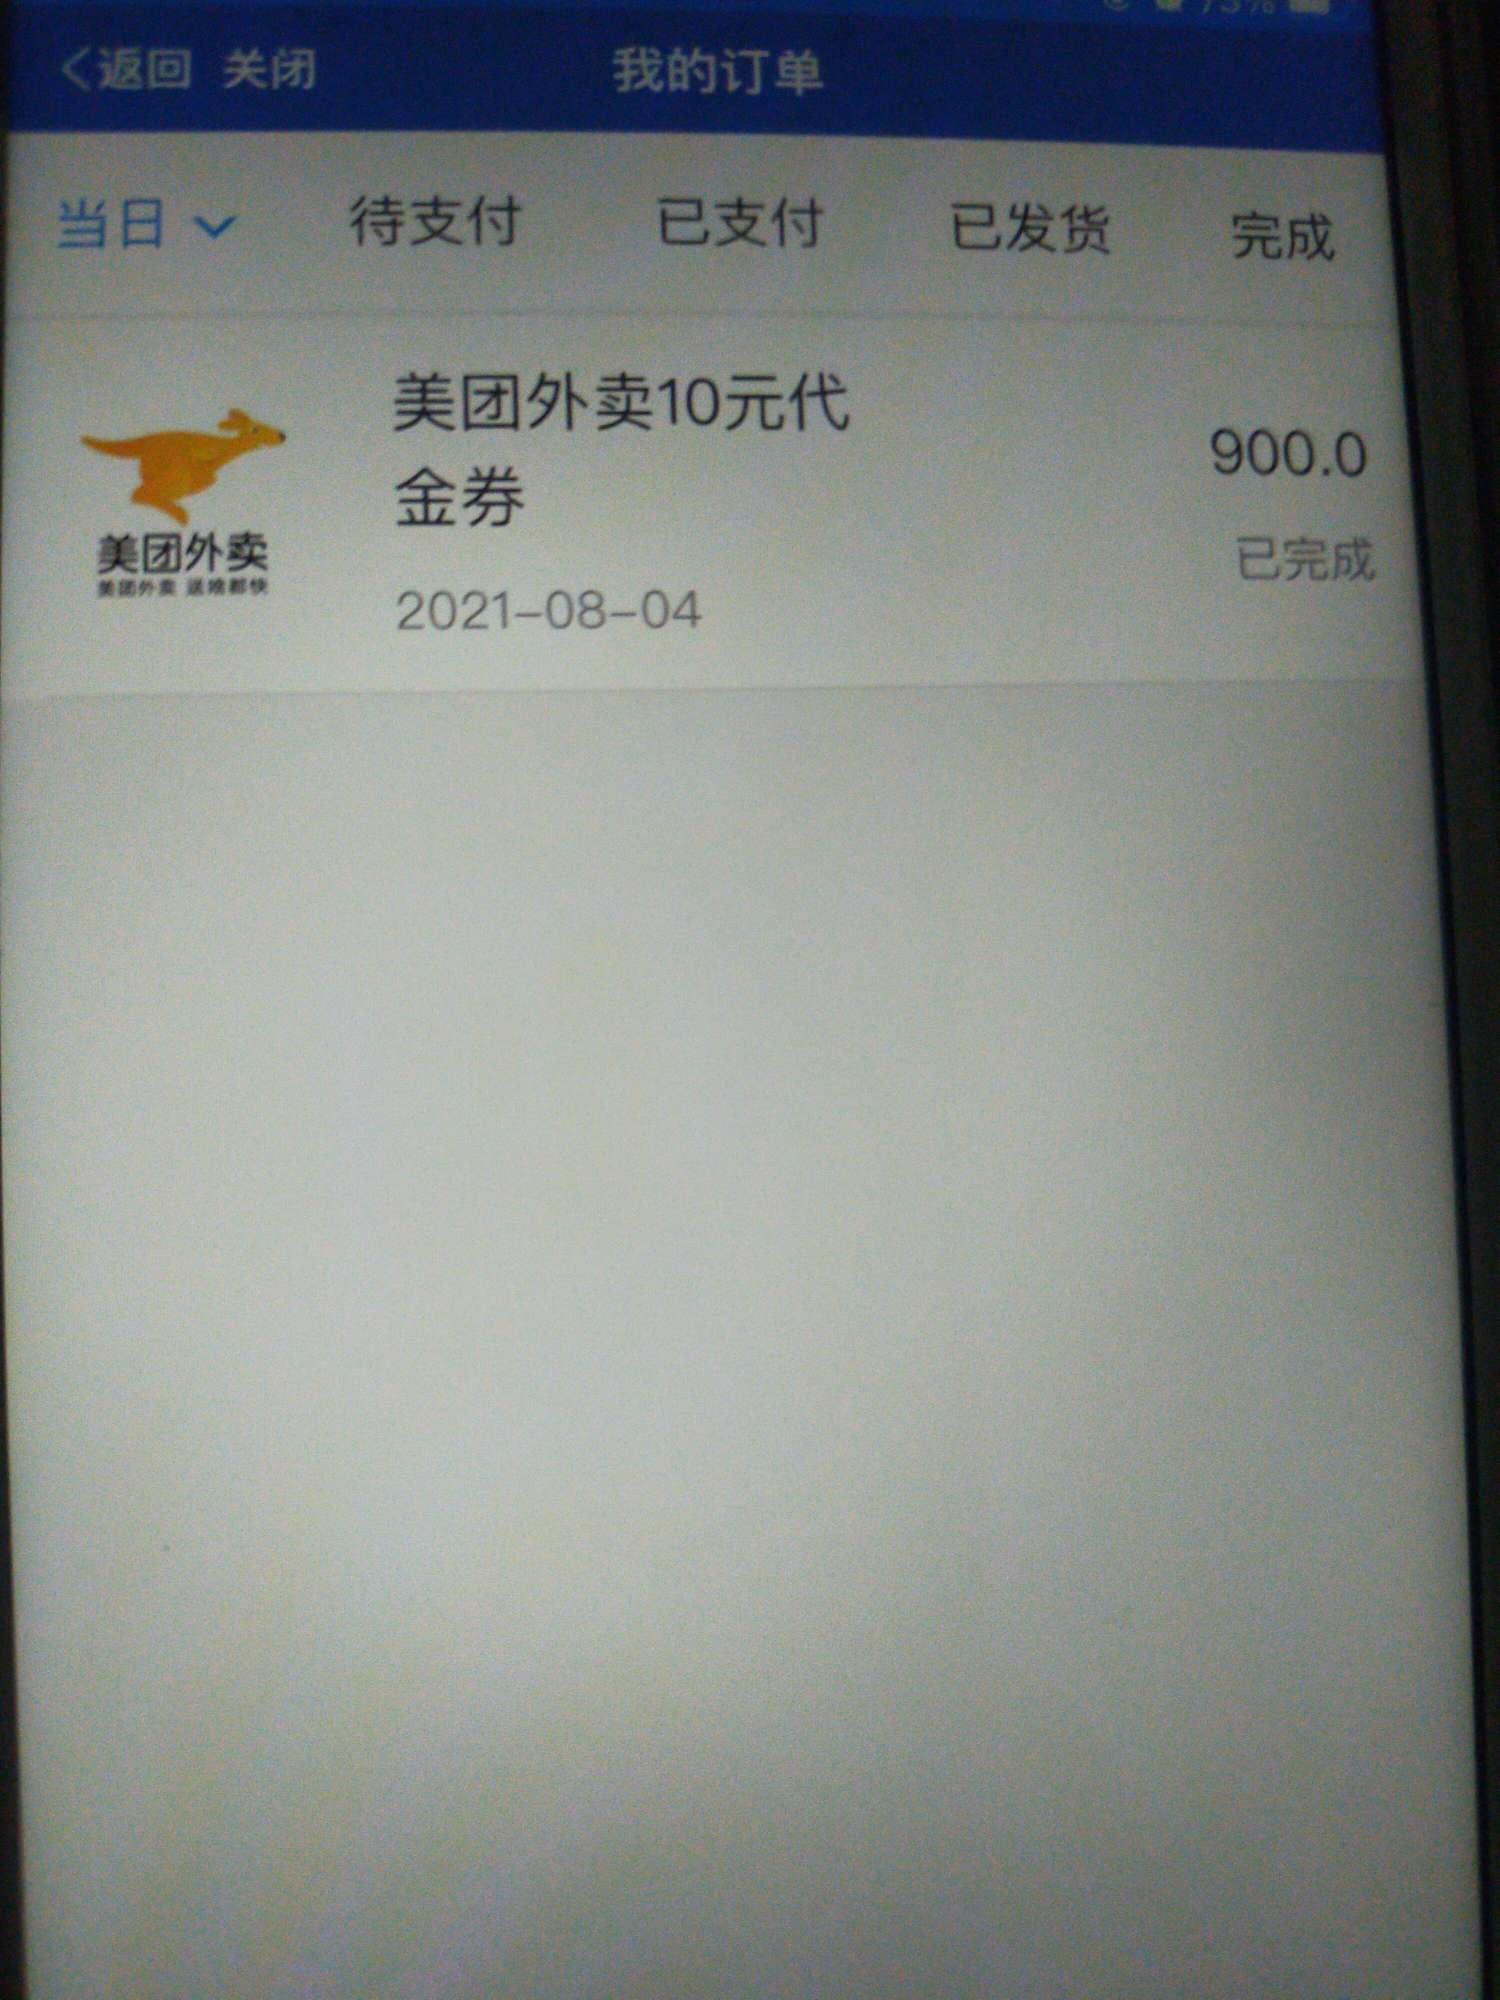 江苏省银行app插图2